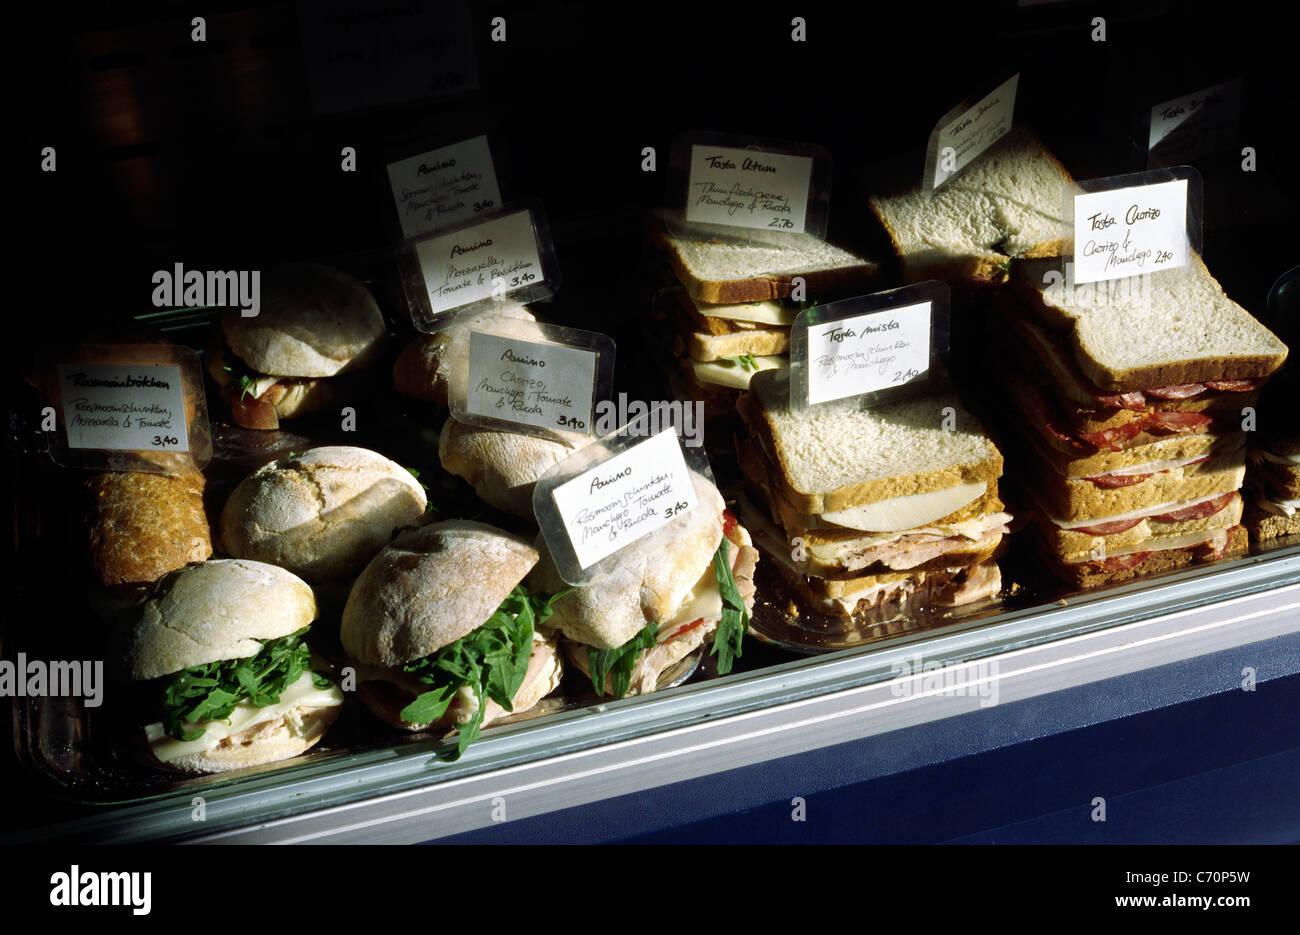 Portugiesische Sandwich-Shop im Berliner Bezirk Mitte. Stockbild